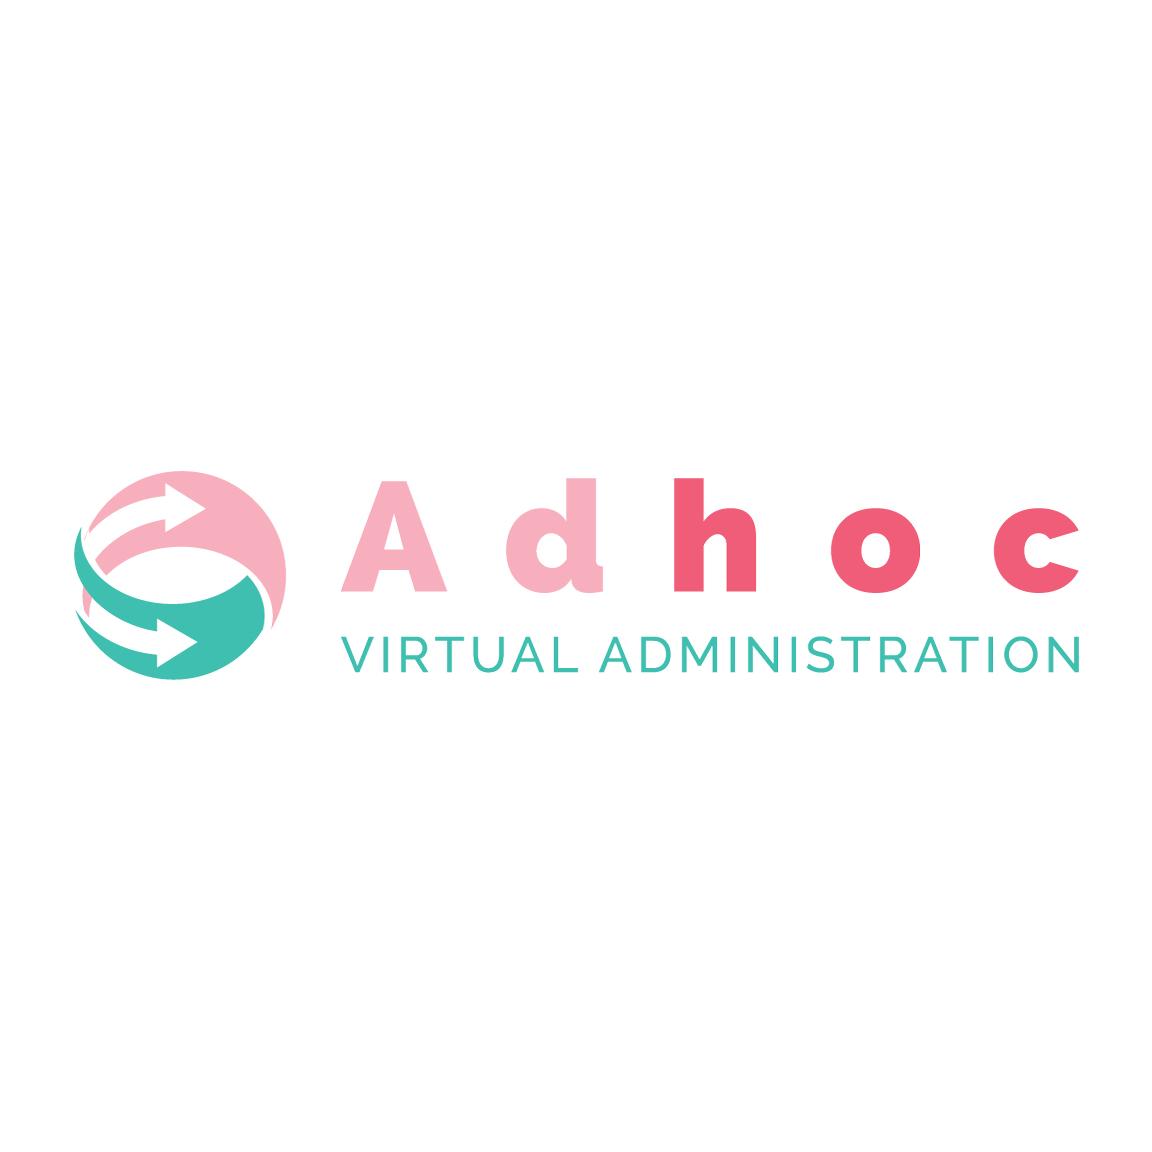 Adhoc VA - signed up 16/4/20